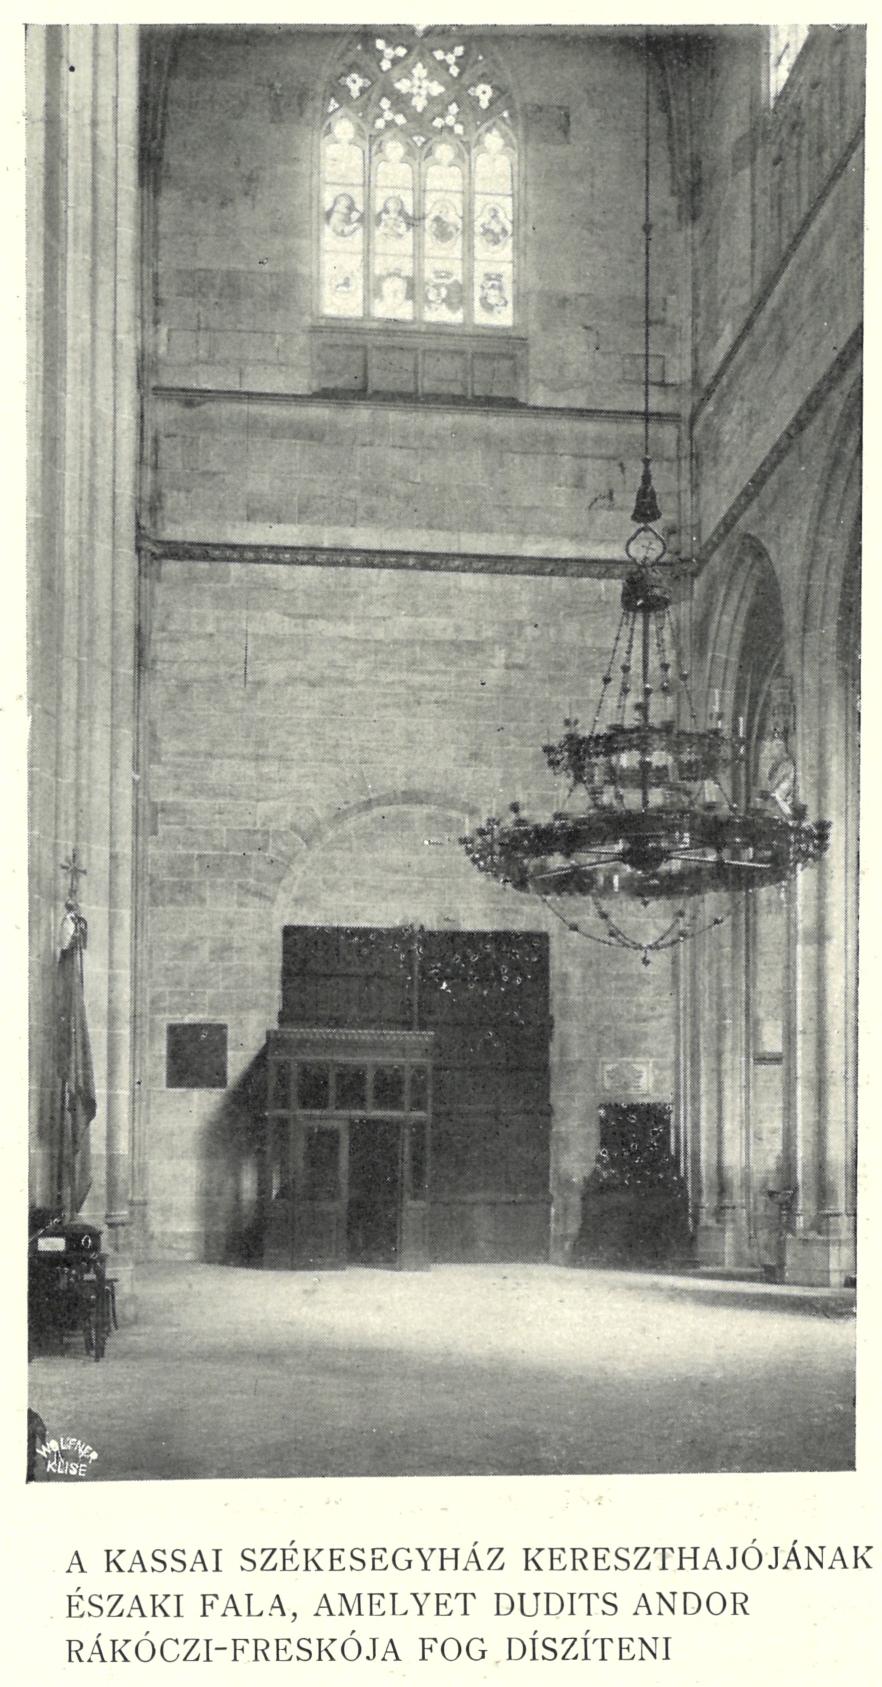 A Szent Erzsébet templom északi főbejáratának fala